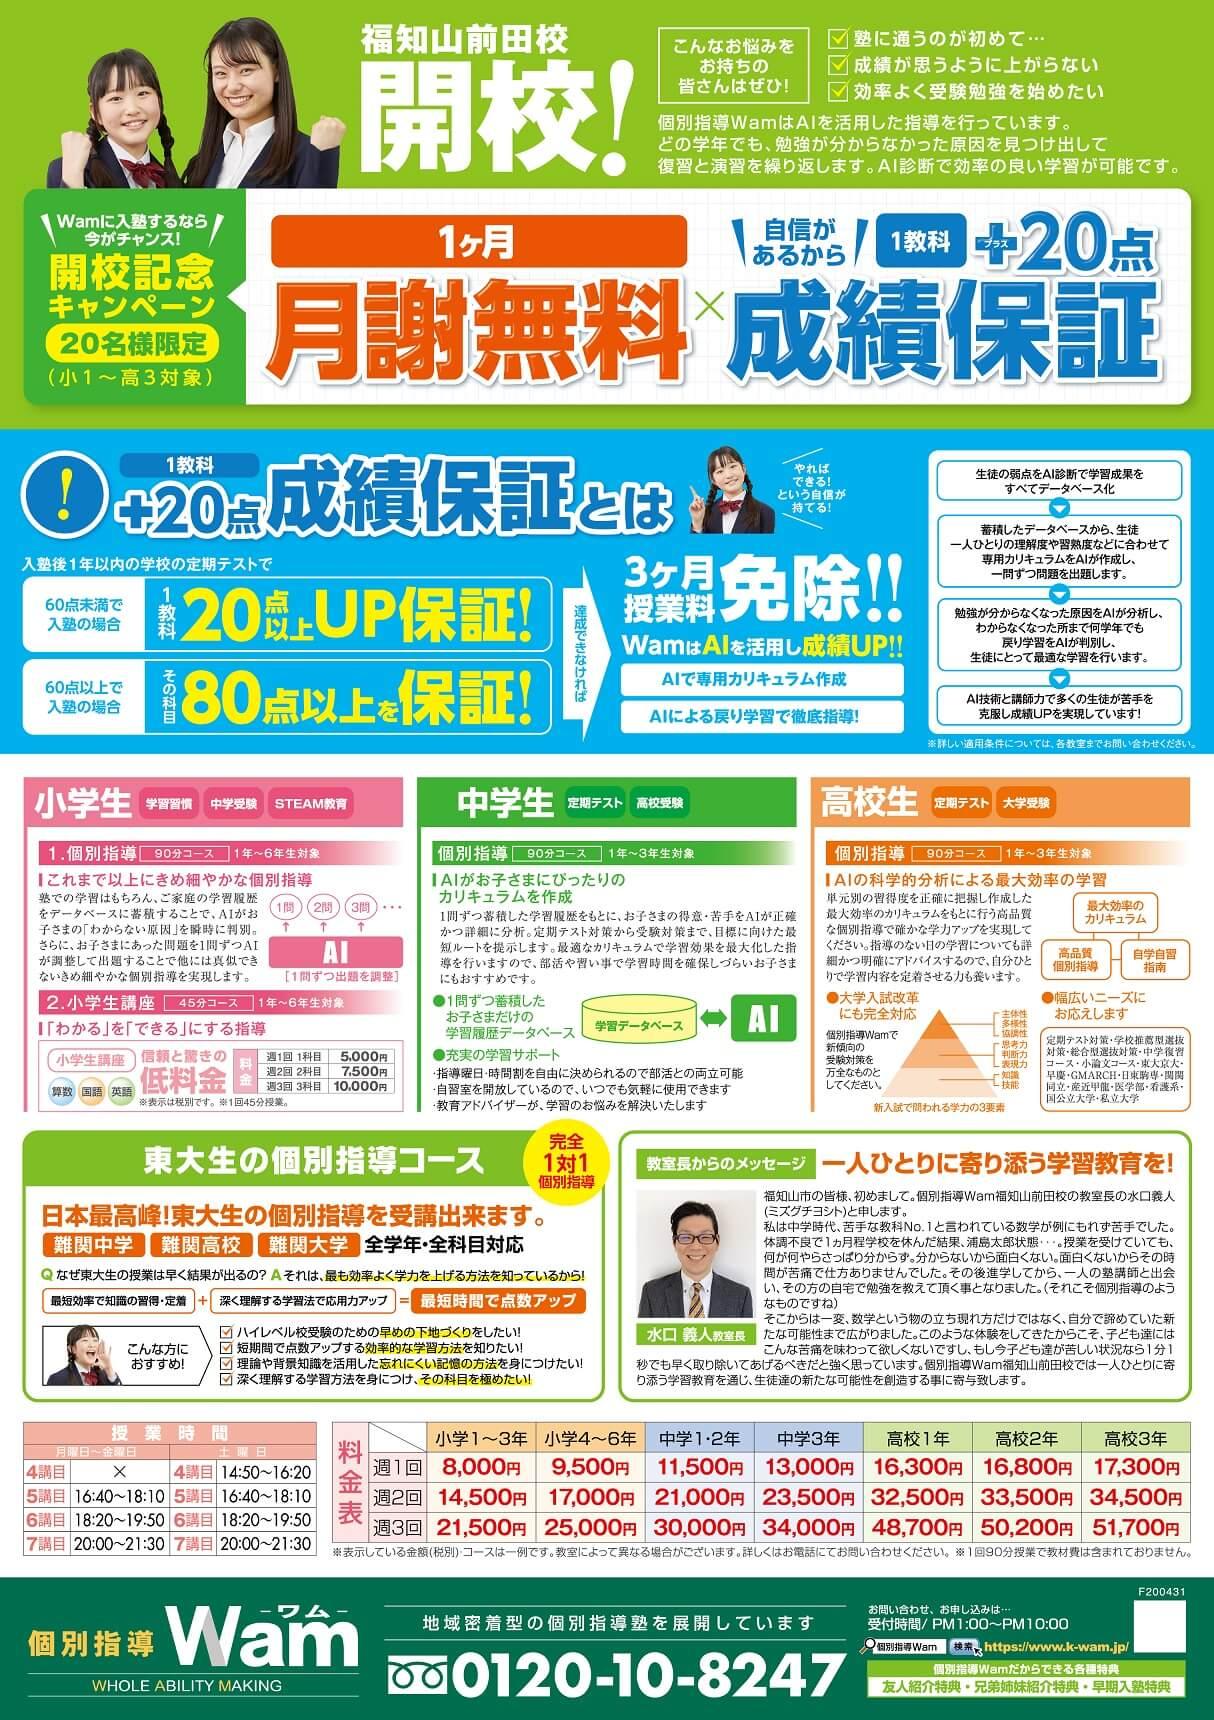 福知山前田校 2020年7月6日(月) 開校・ウラ面